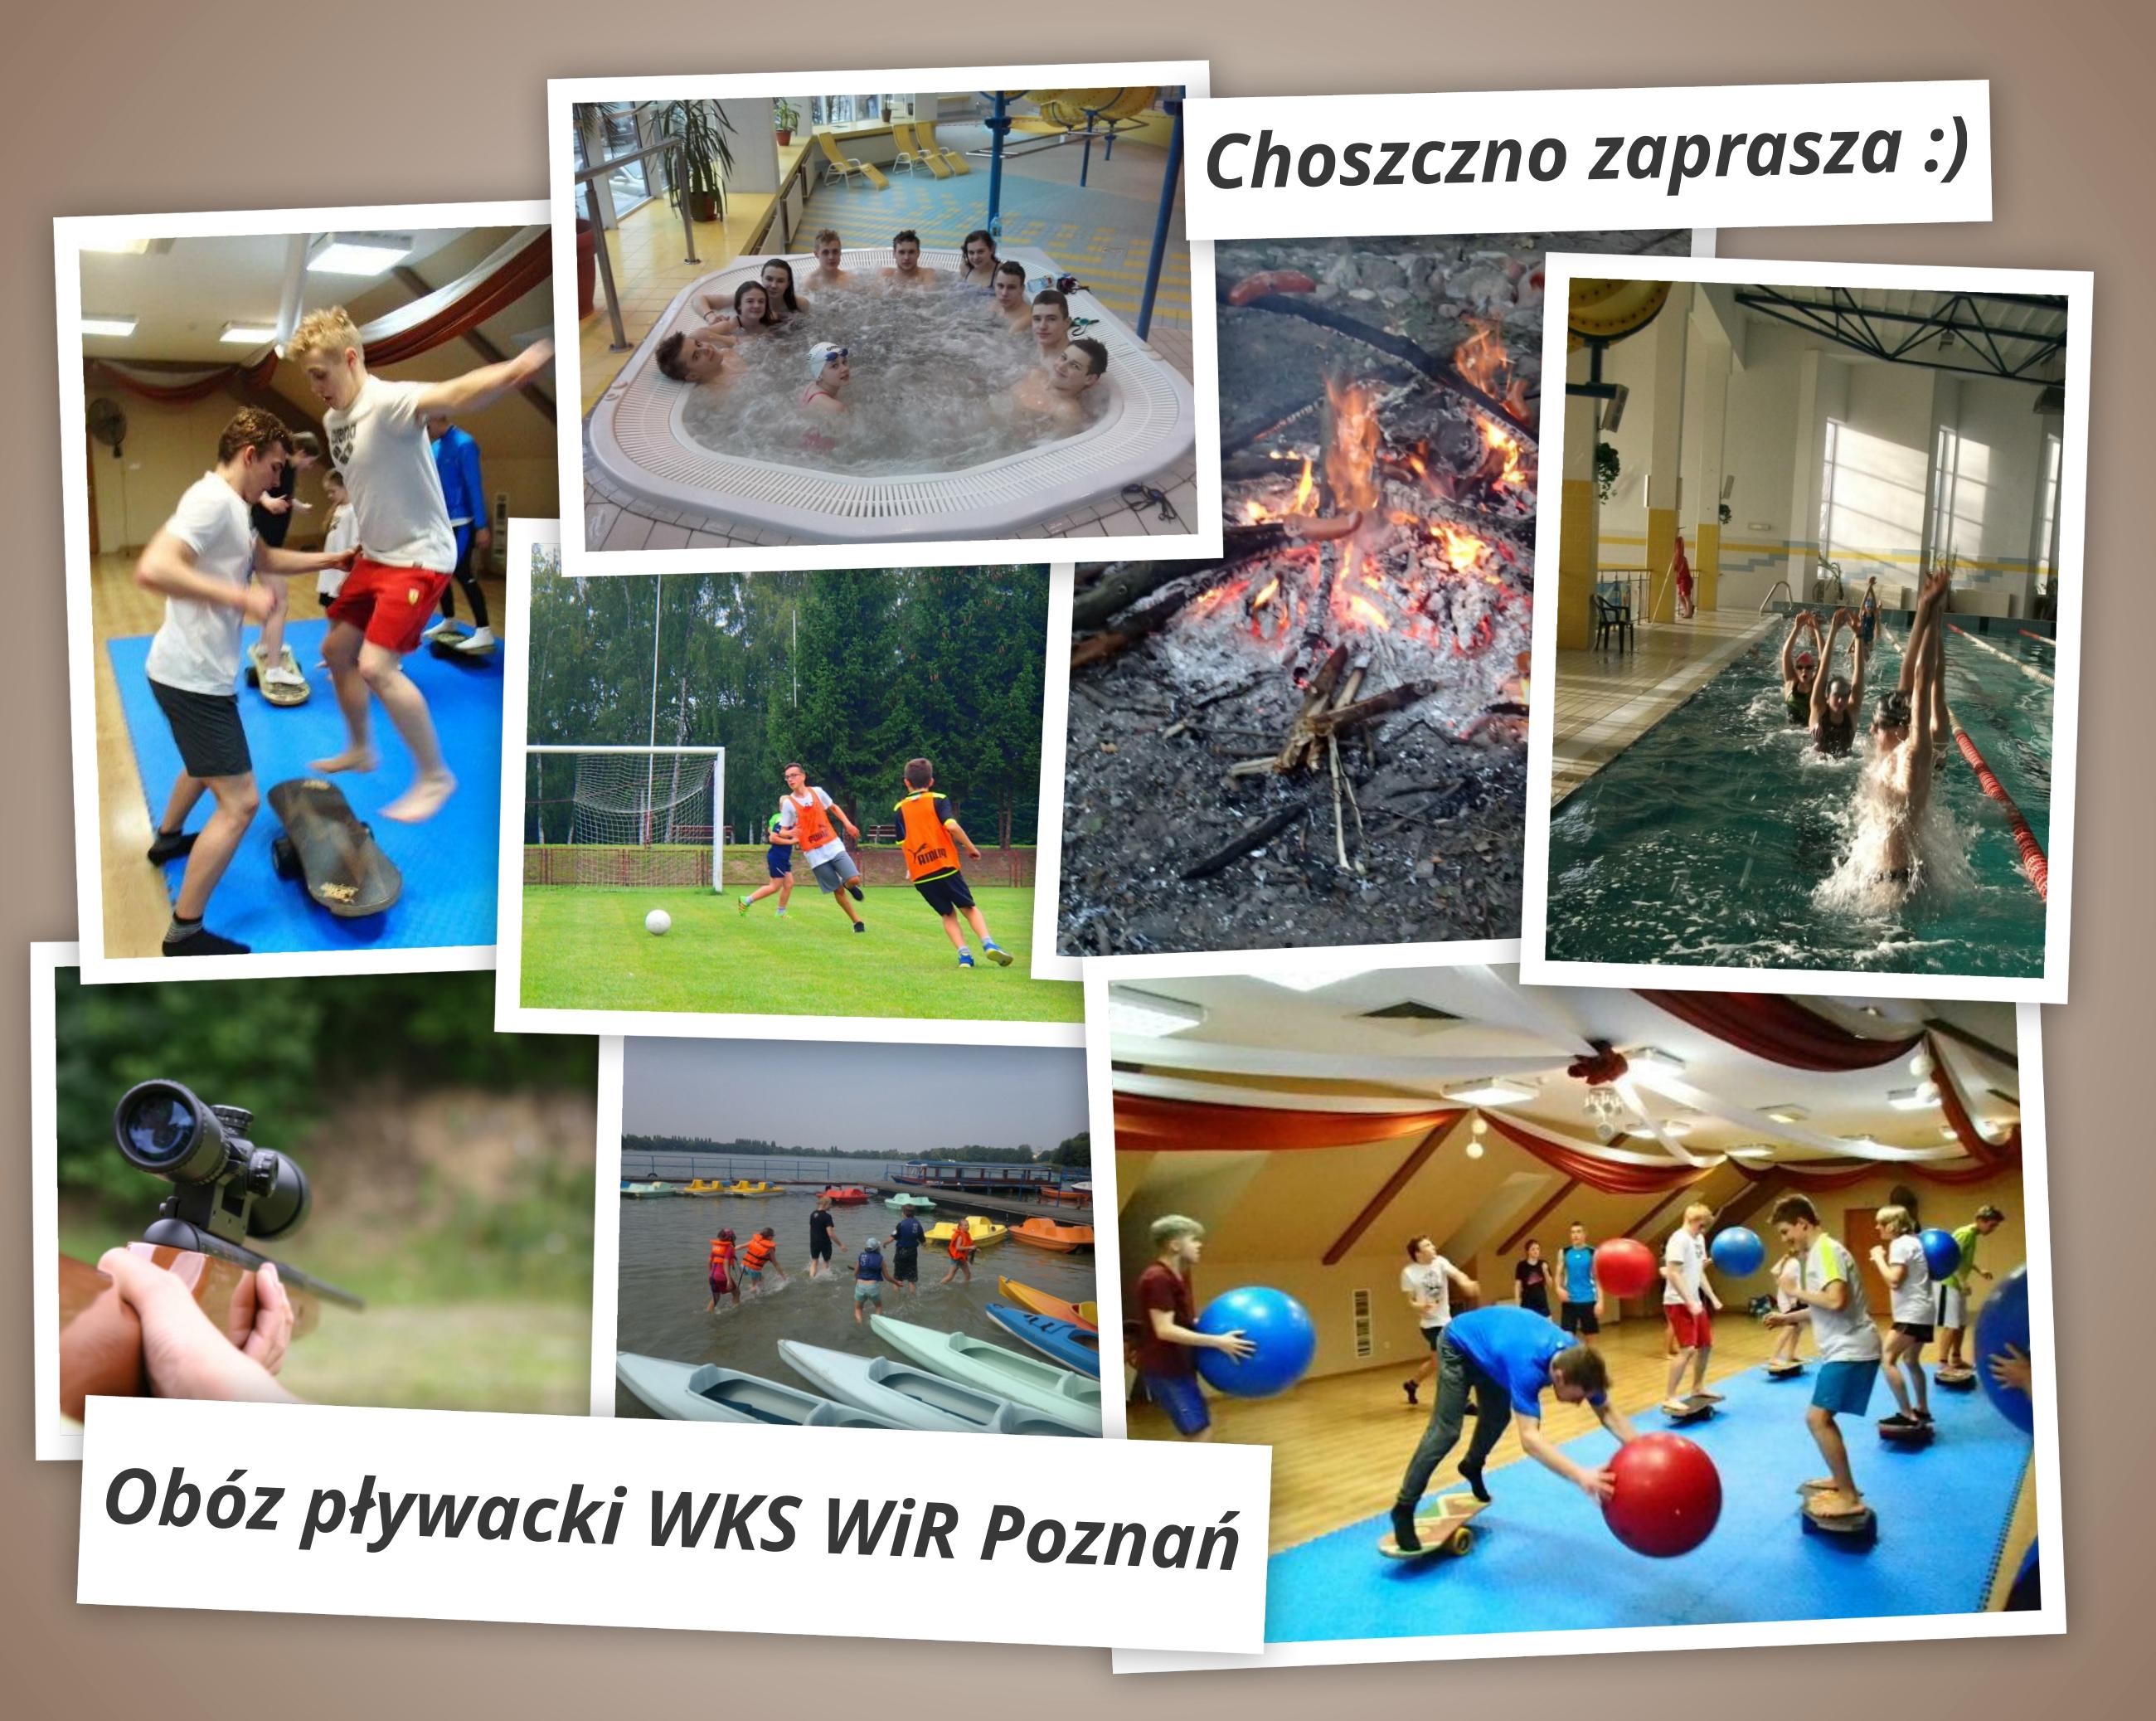 Choszczno 17-23.07.2018 r.